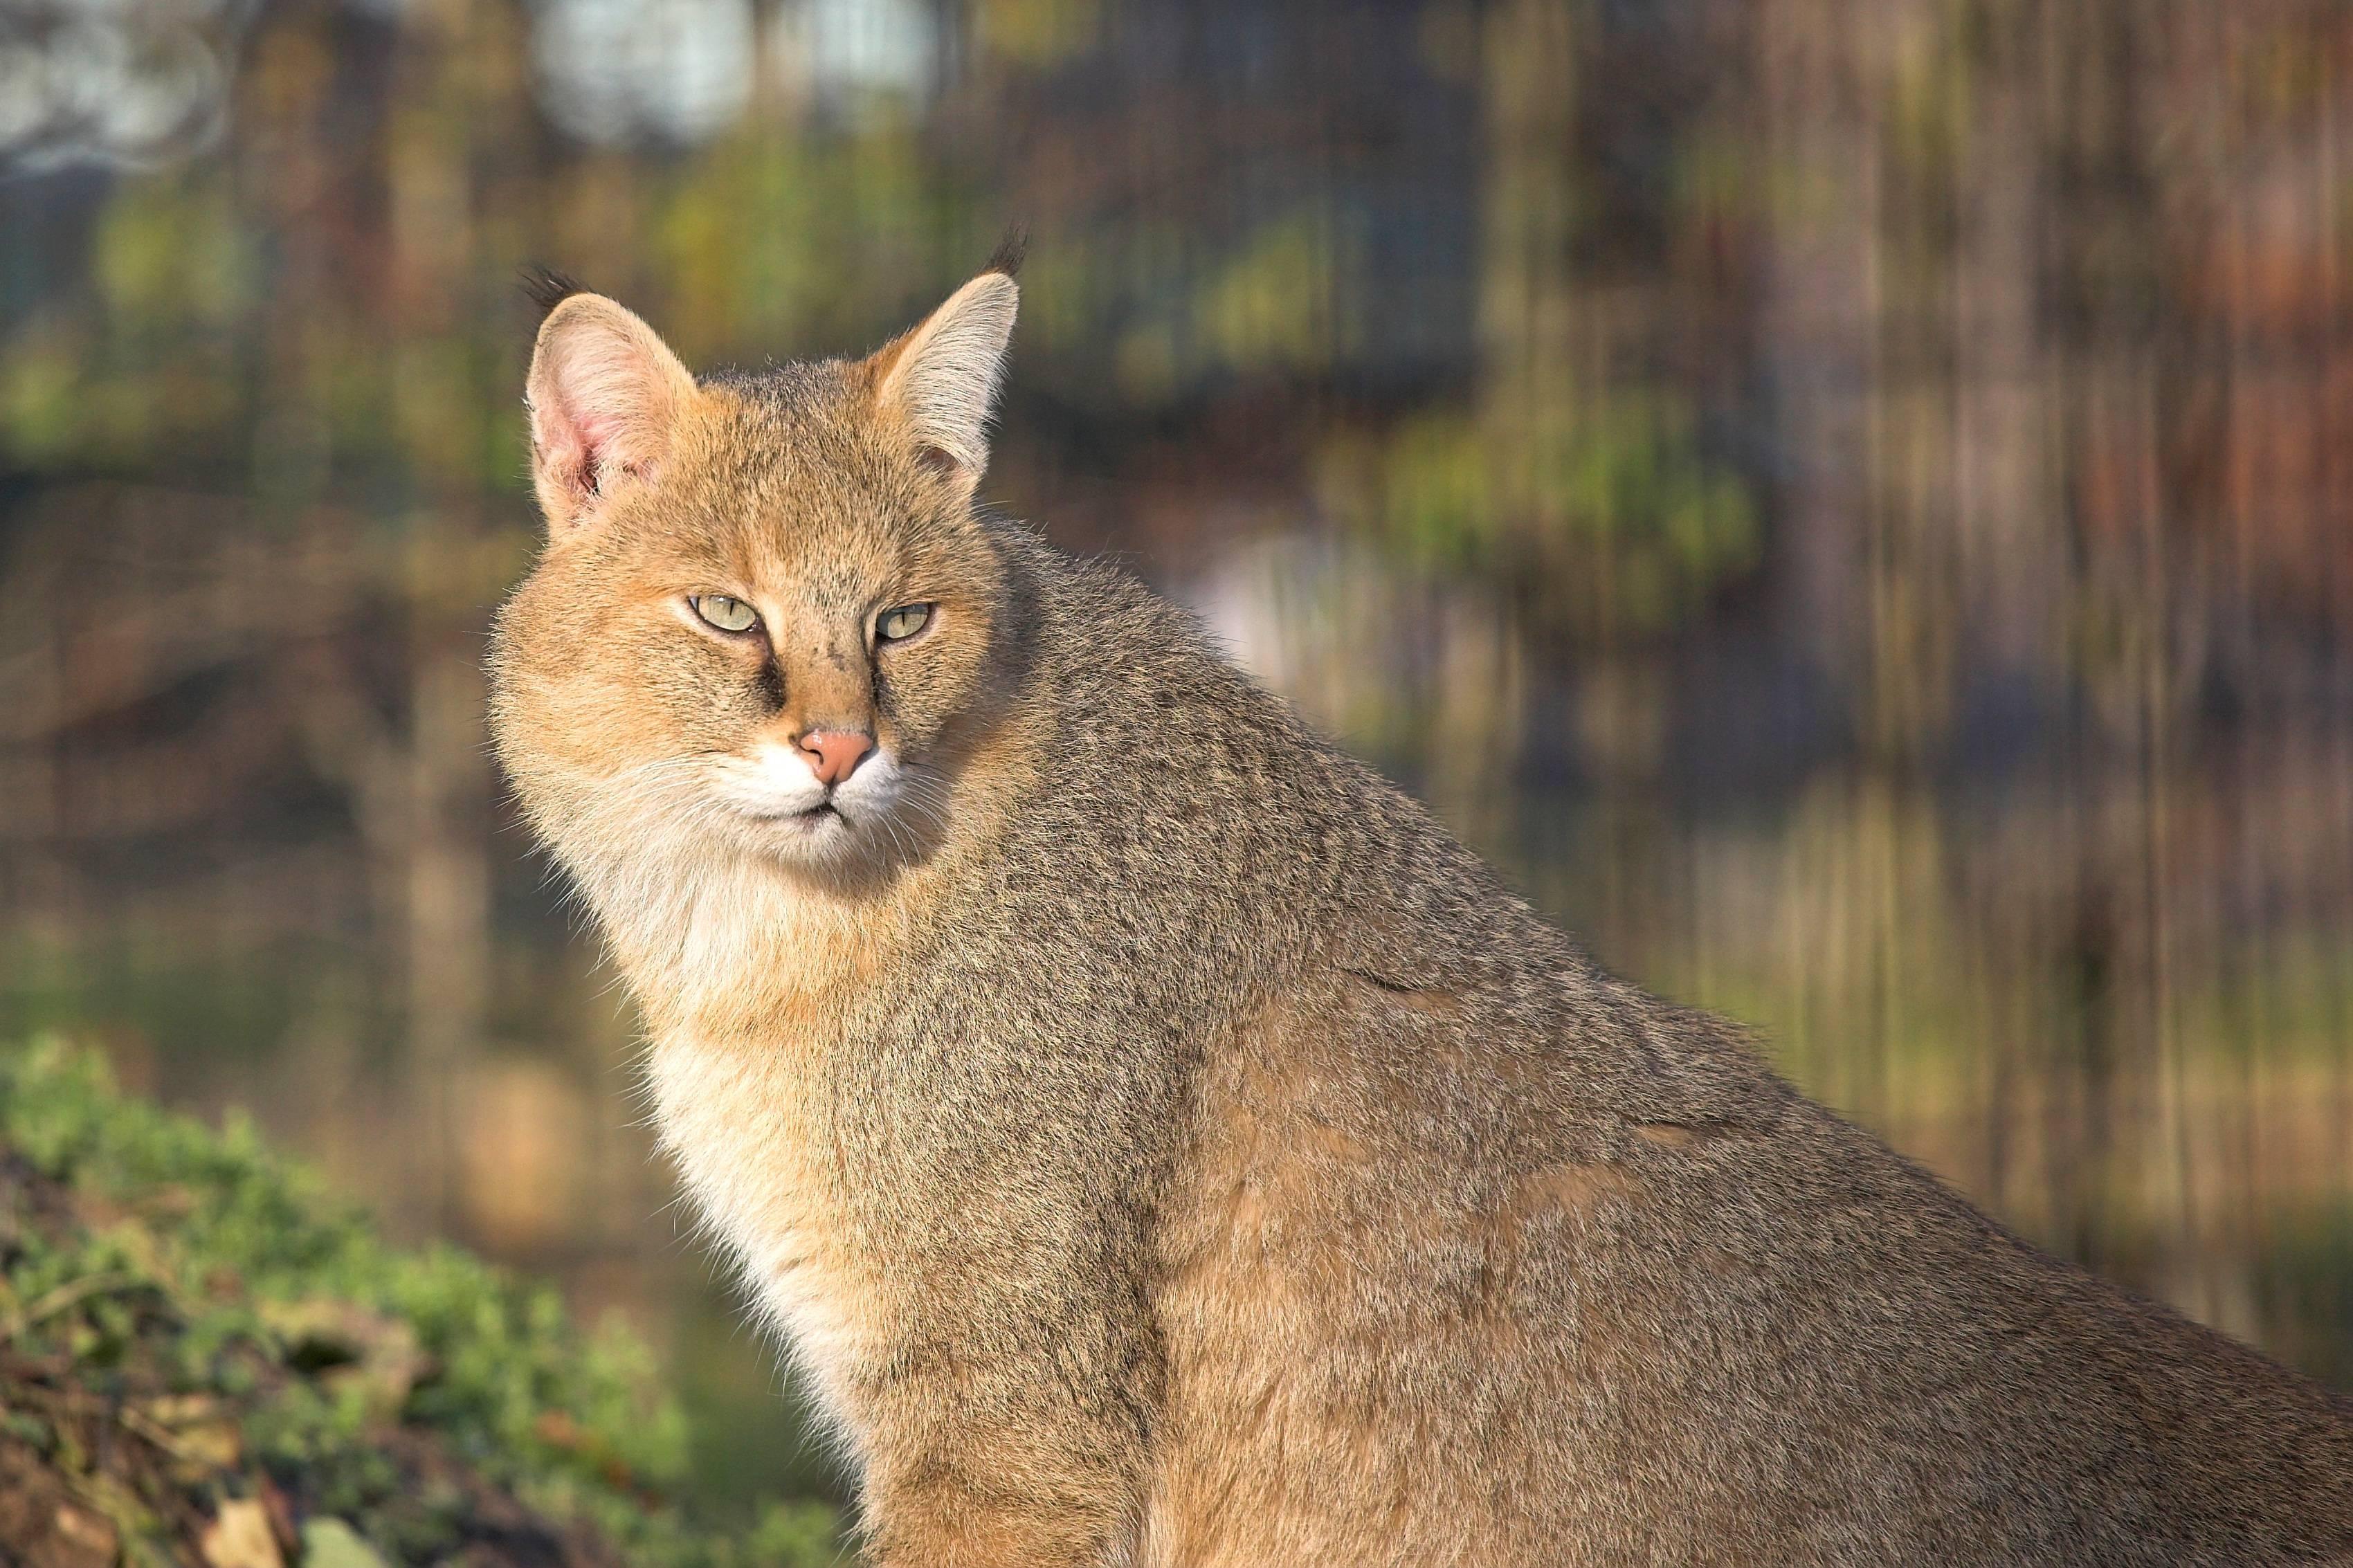 Абиссинская кошка (абиссинец): фото, описание породы и характера, поведение, окрас, корм, аллергия, сколько стоит